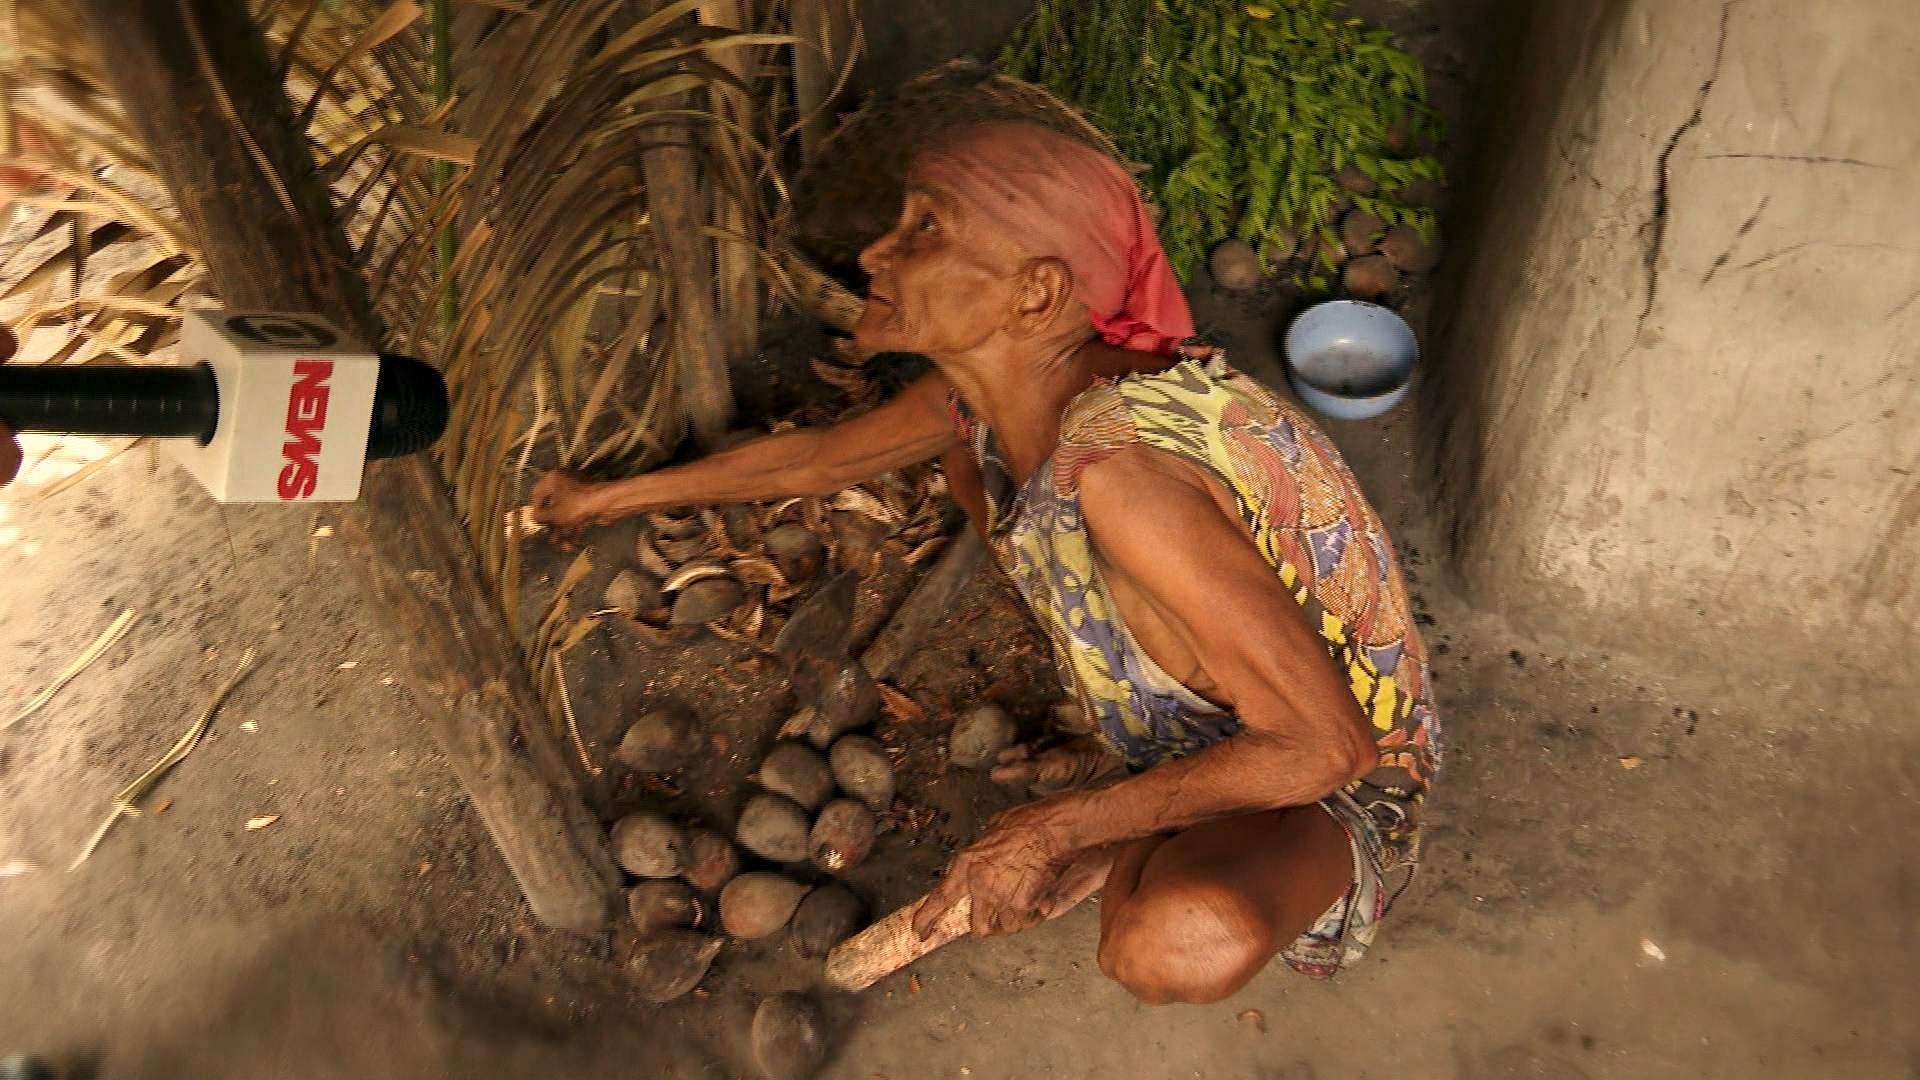 Extrema pobreza: larva de coco é alimento de idosa no Maranhão